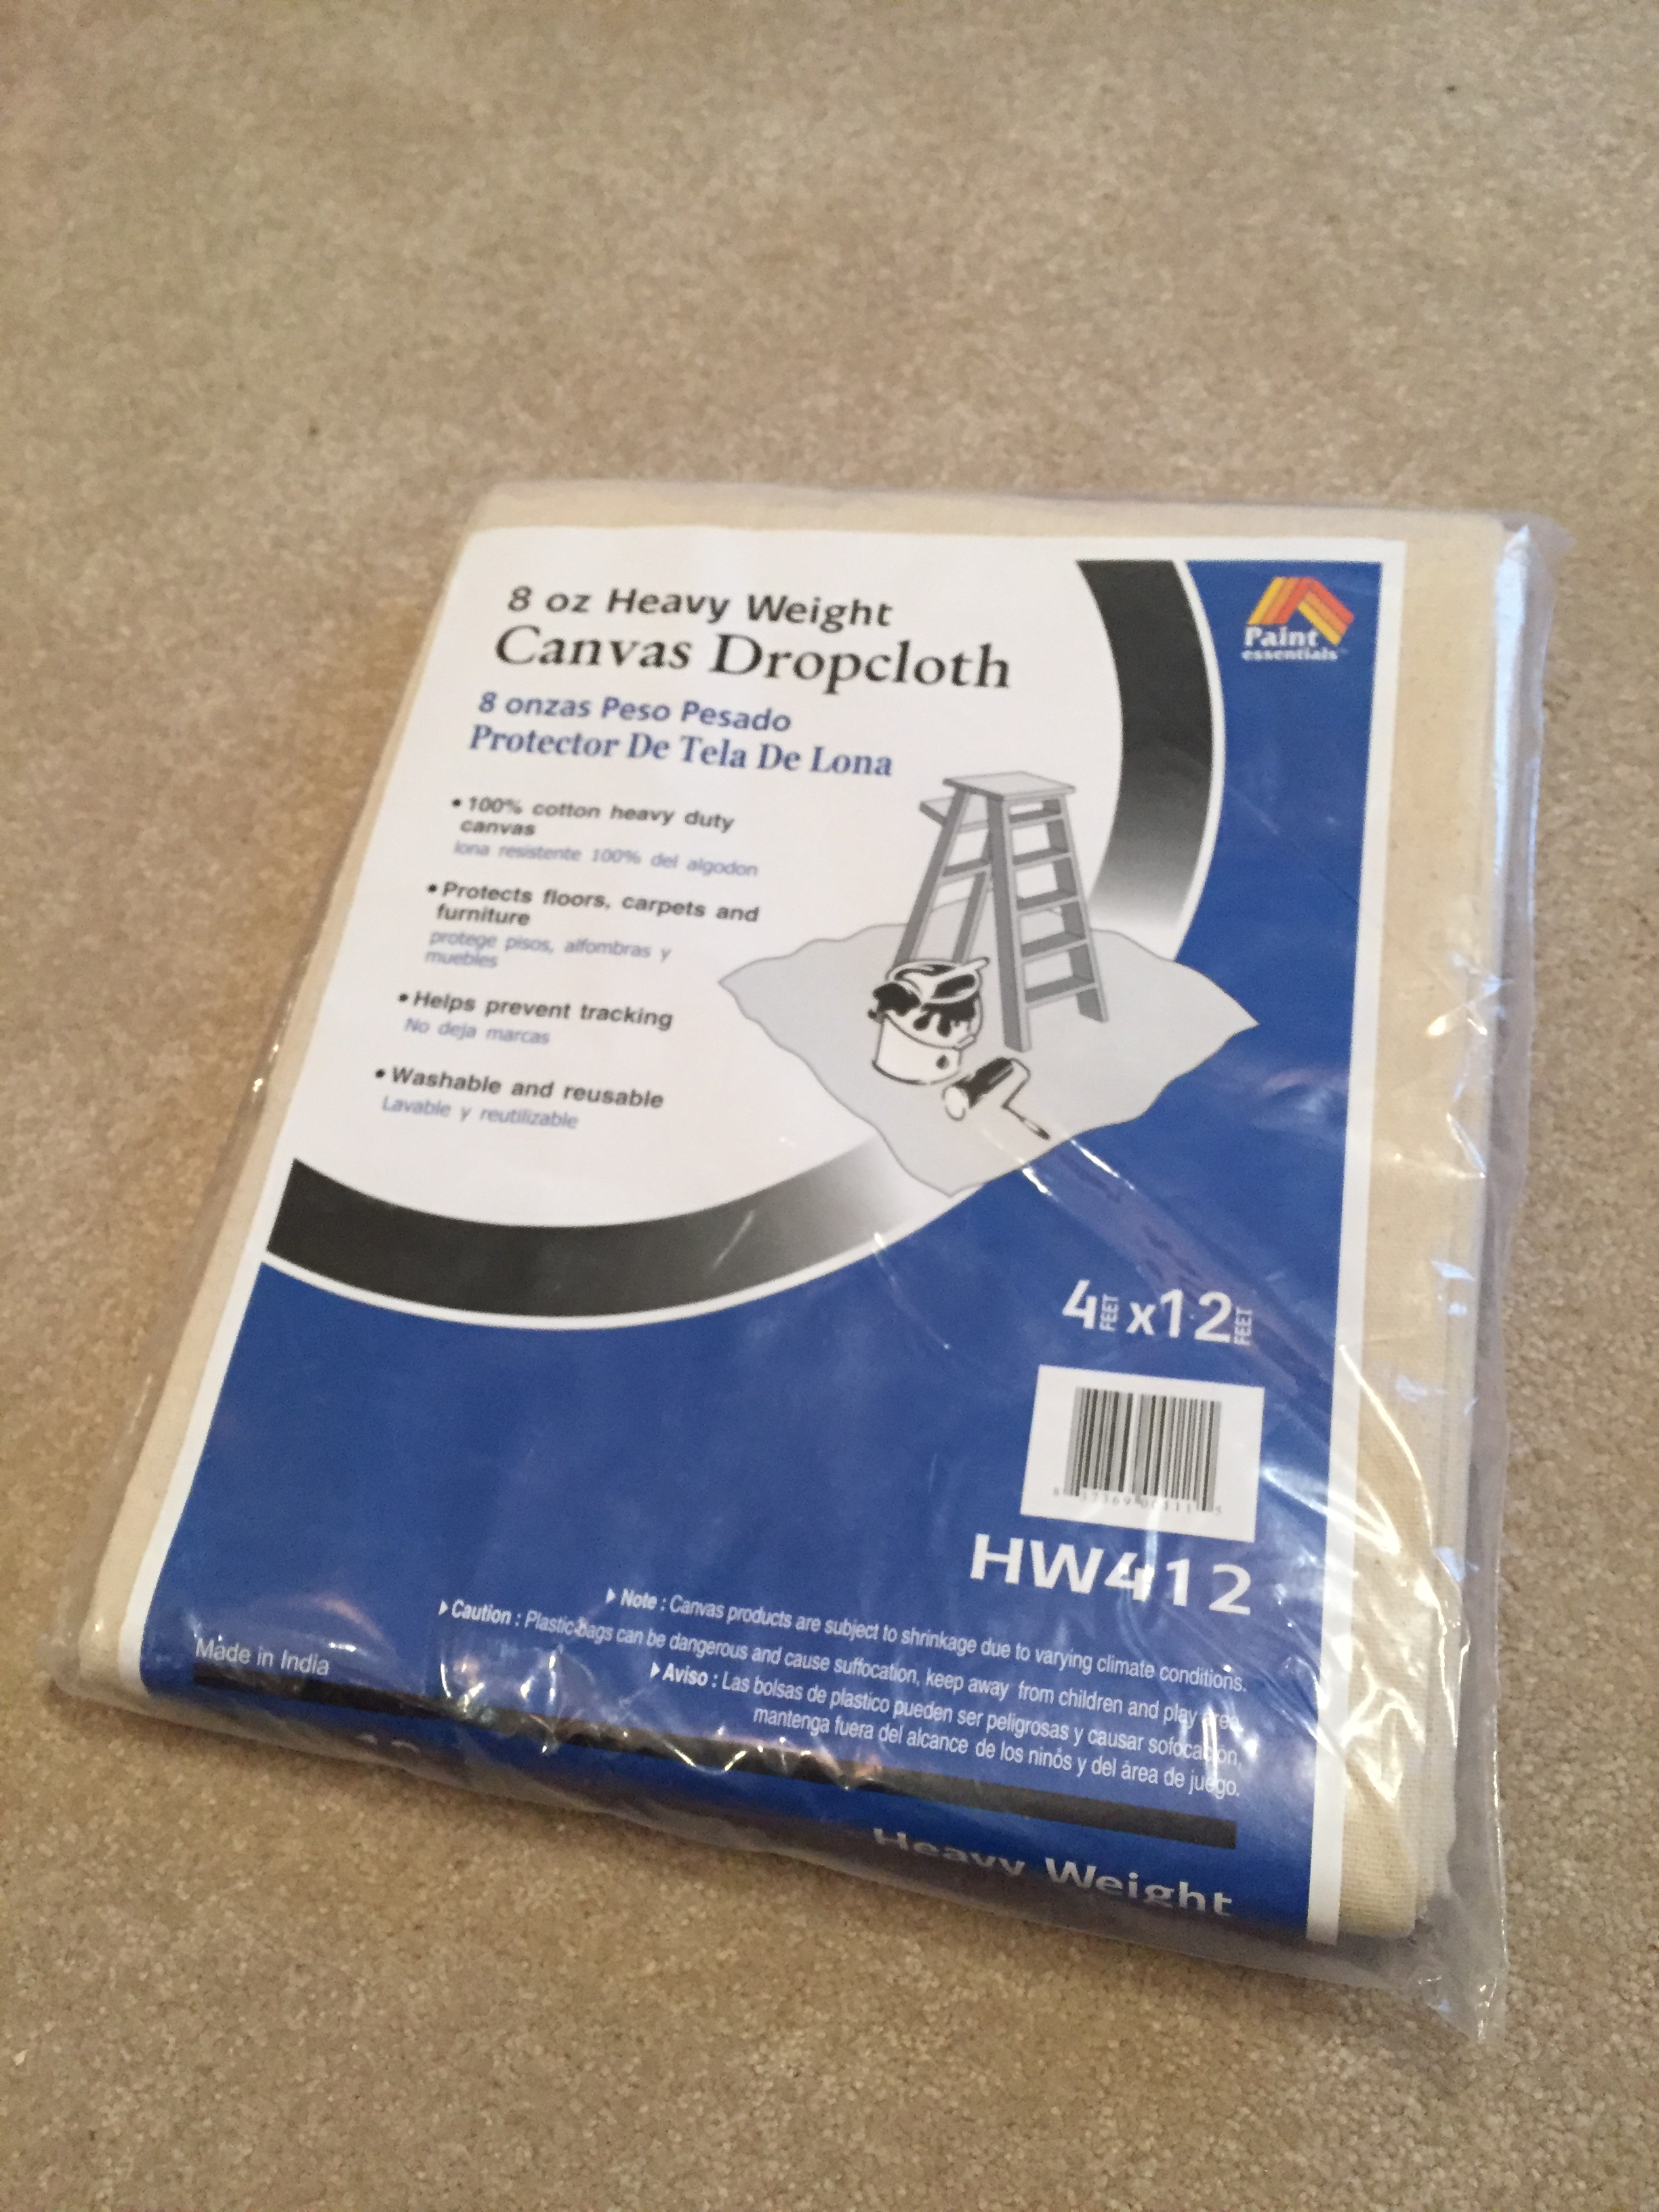 drop-cloth-package.jpg